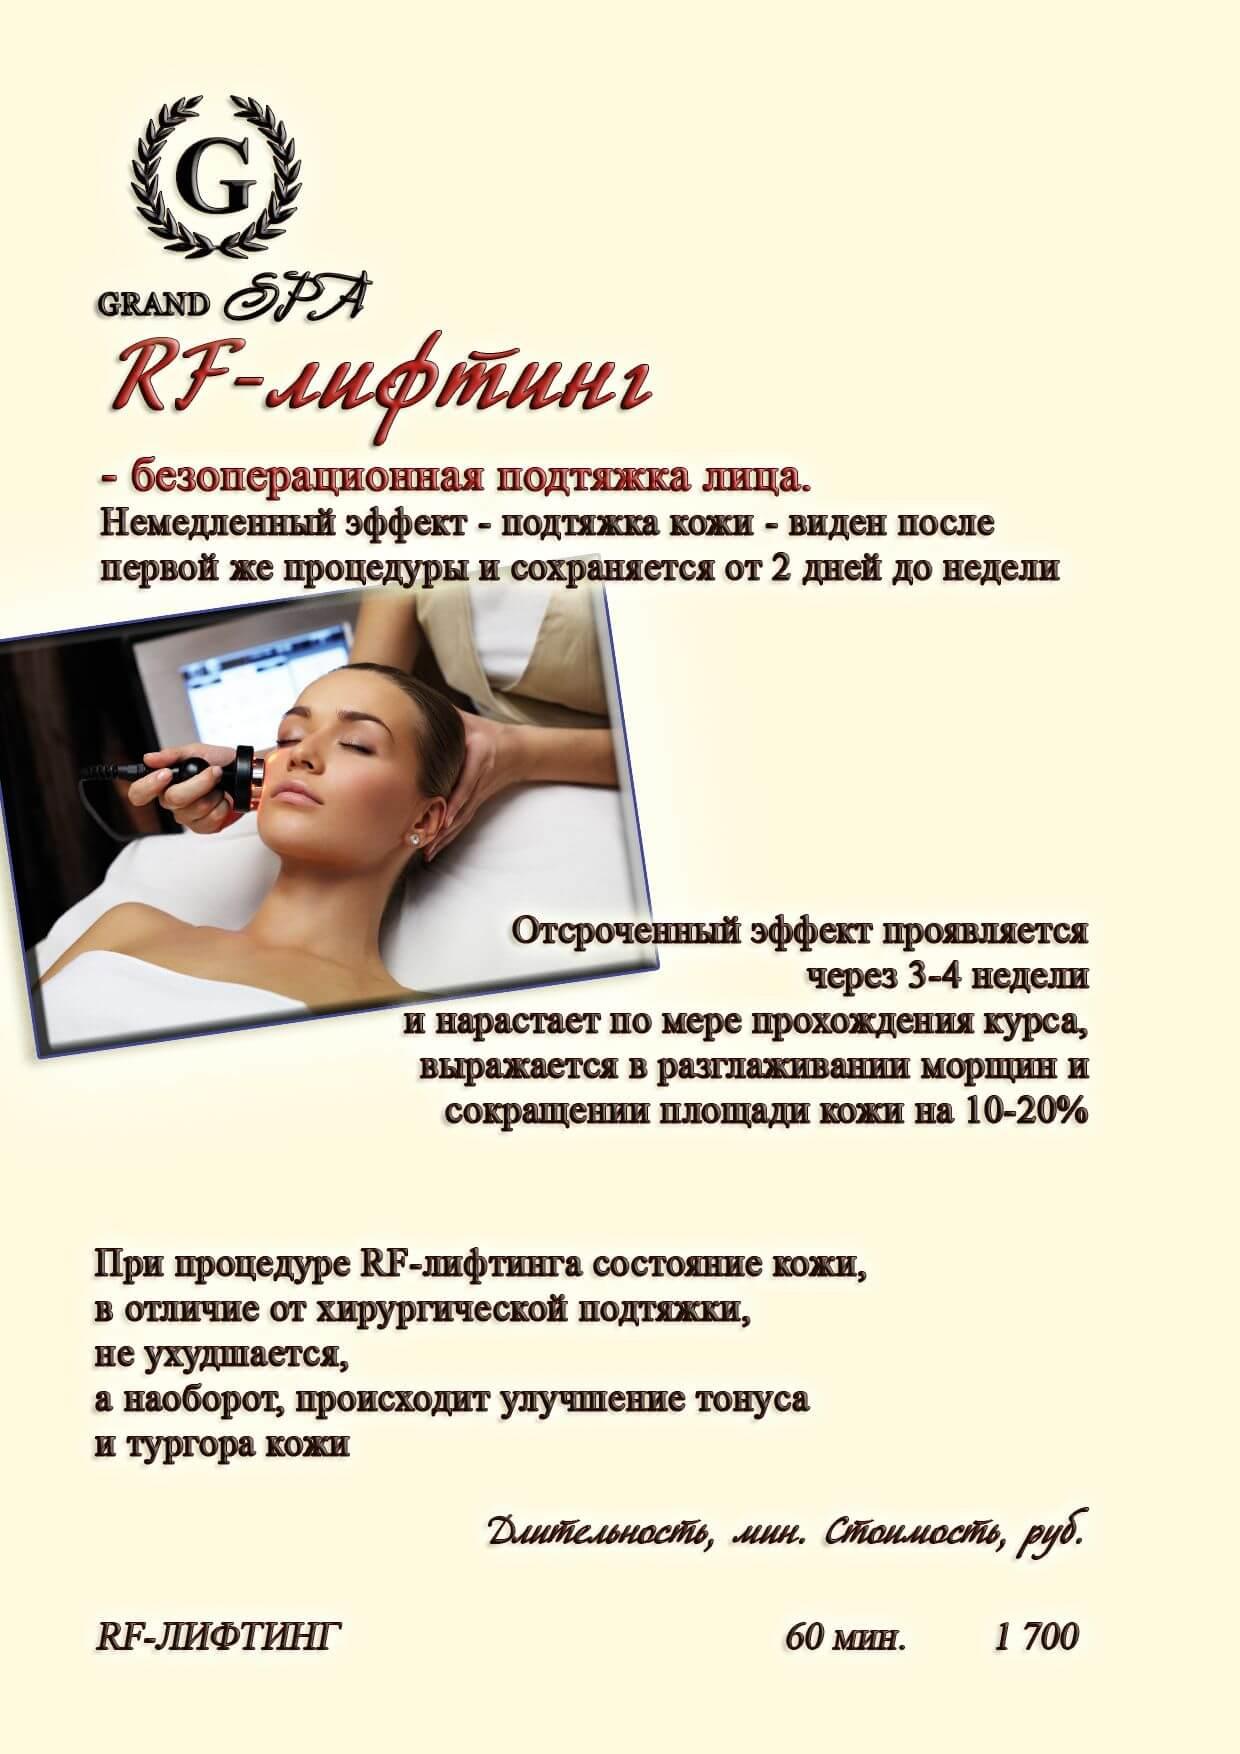 Цены на лифтинг - Гранд отель Гагра - отель европейского уровня в Абхазии (Grand Hotel Gagra)